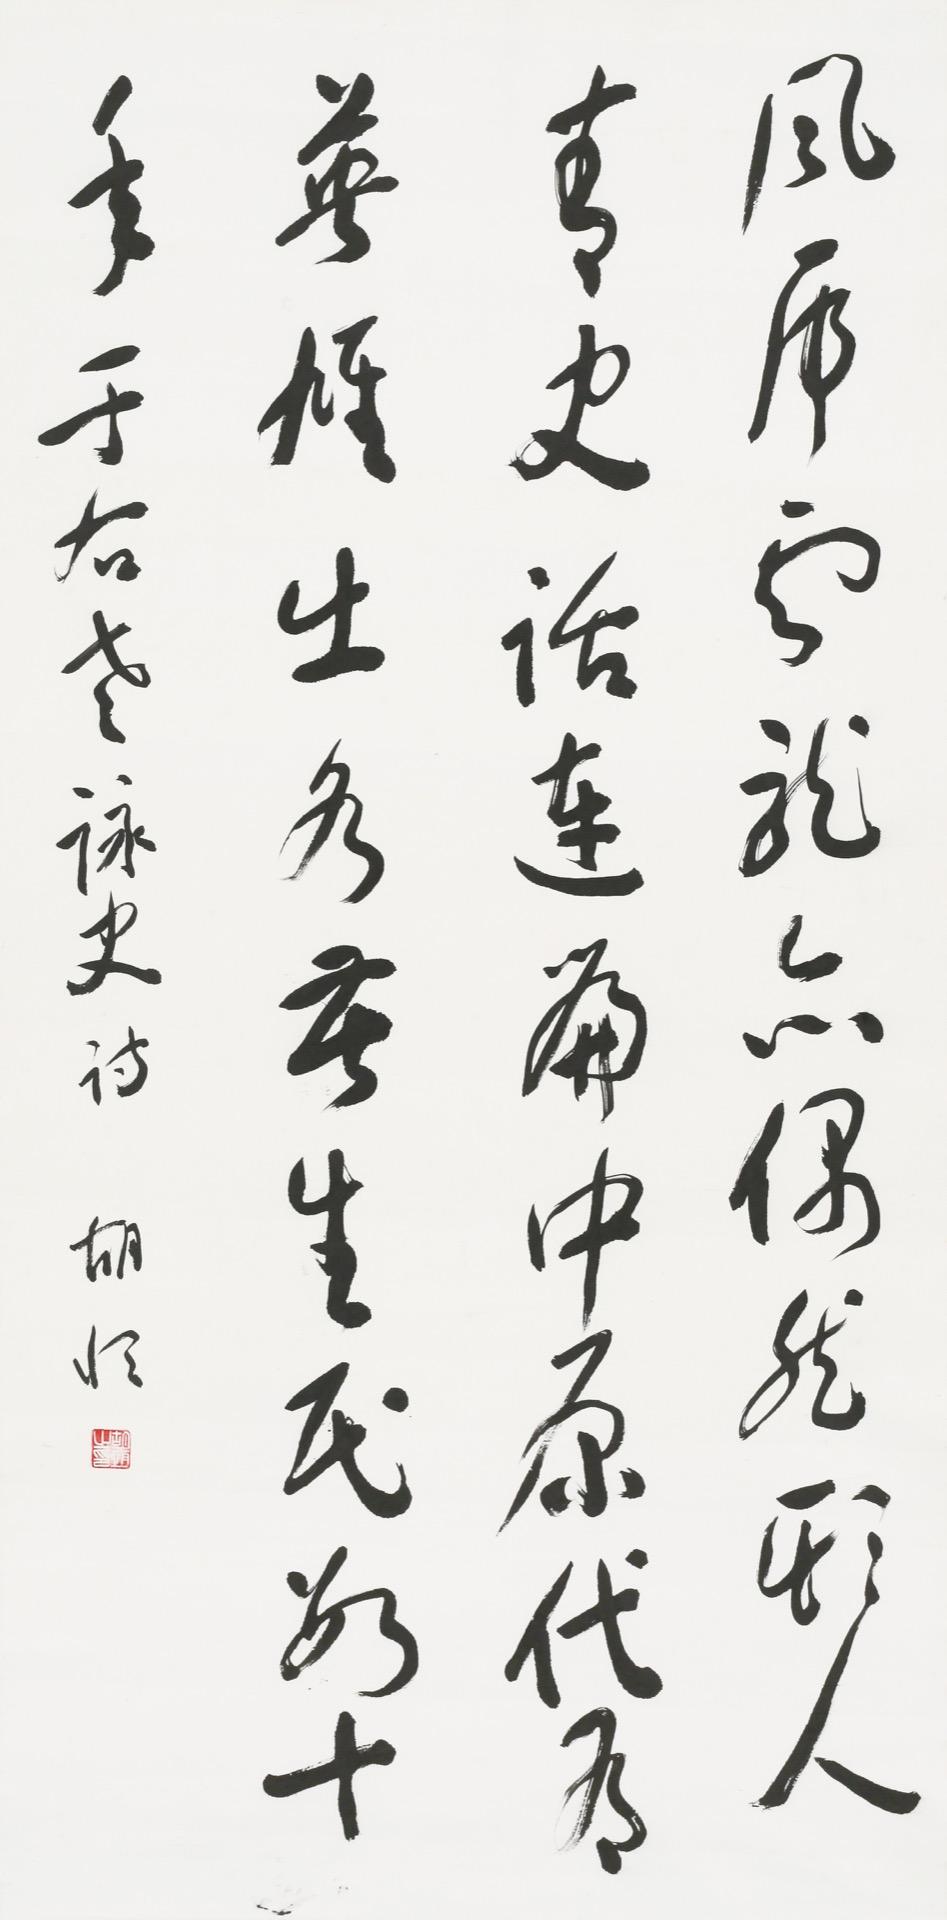 胡恆-書法 2018秋拍 - 帝圖拍賣 - 領銜全臺書畫文物類第一拍賣品牌